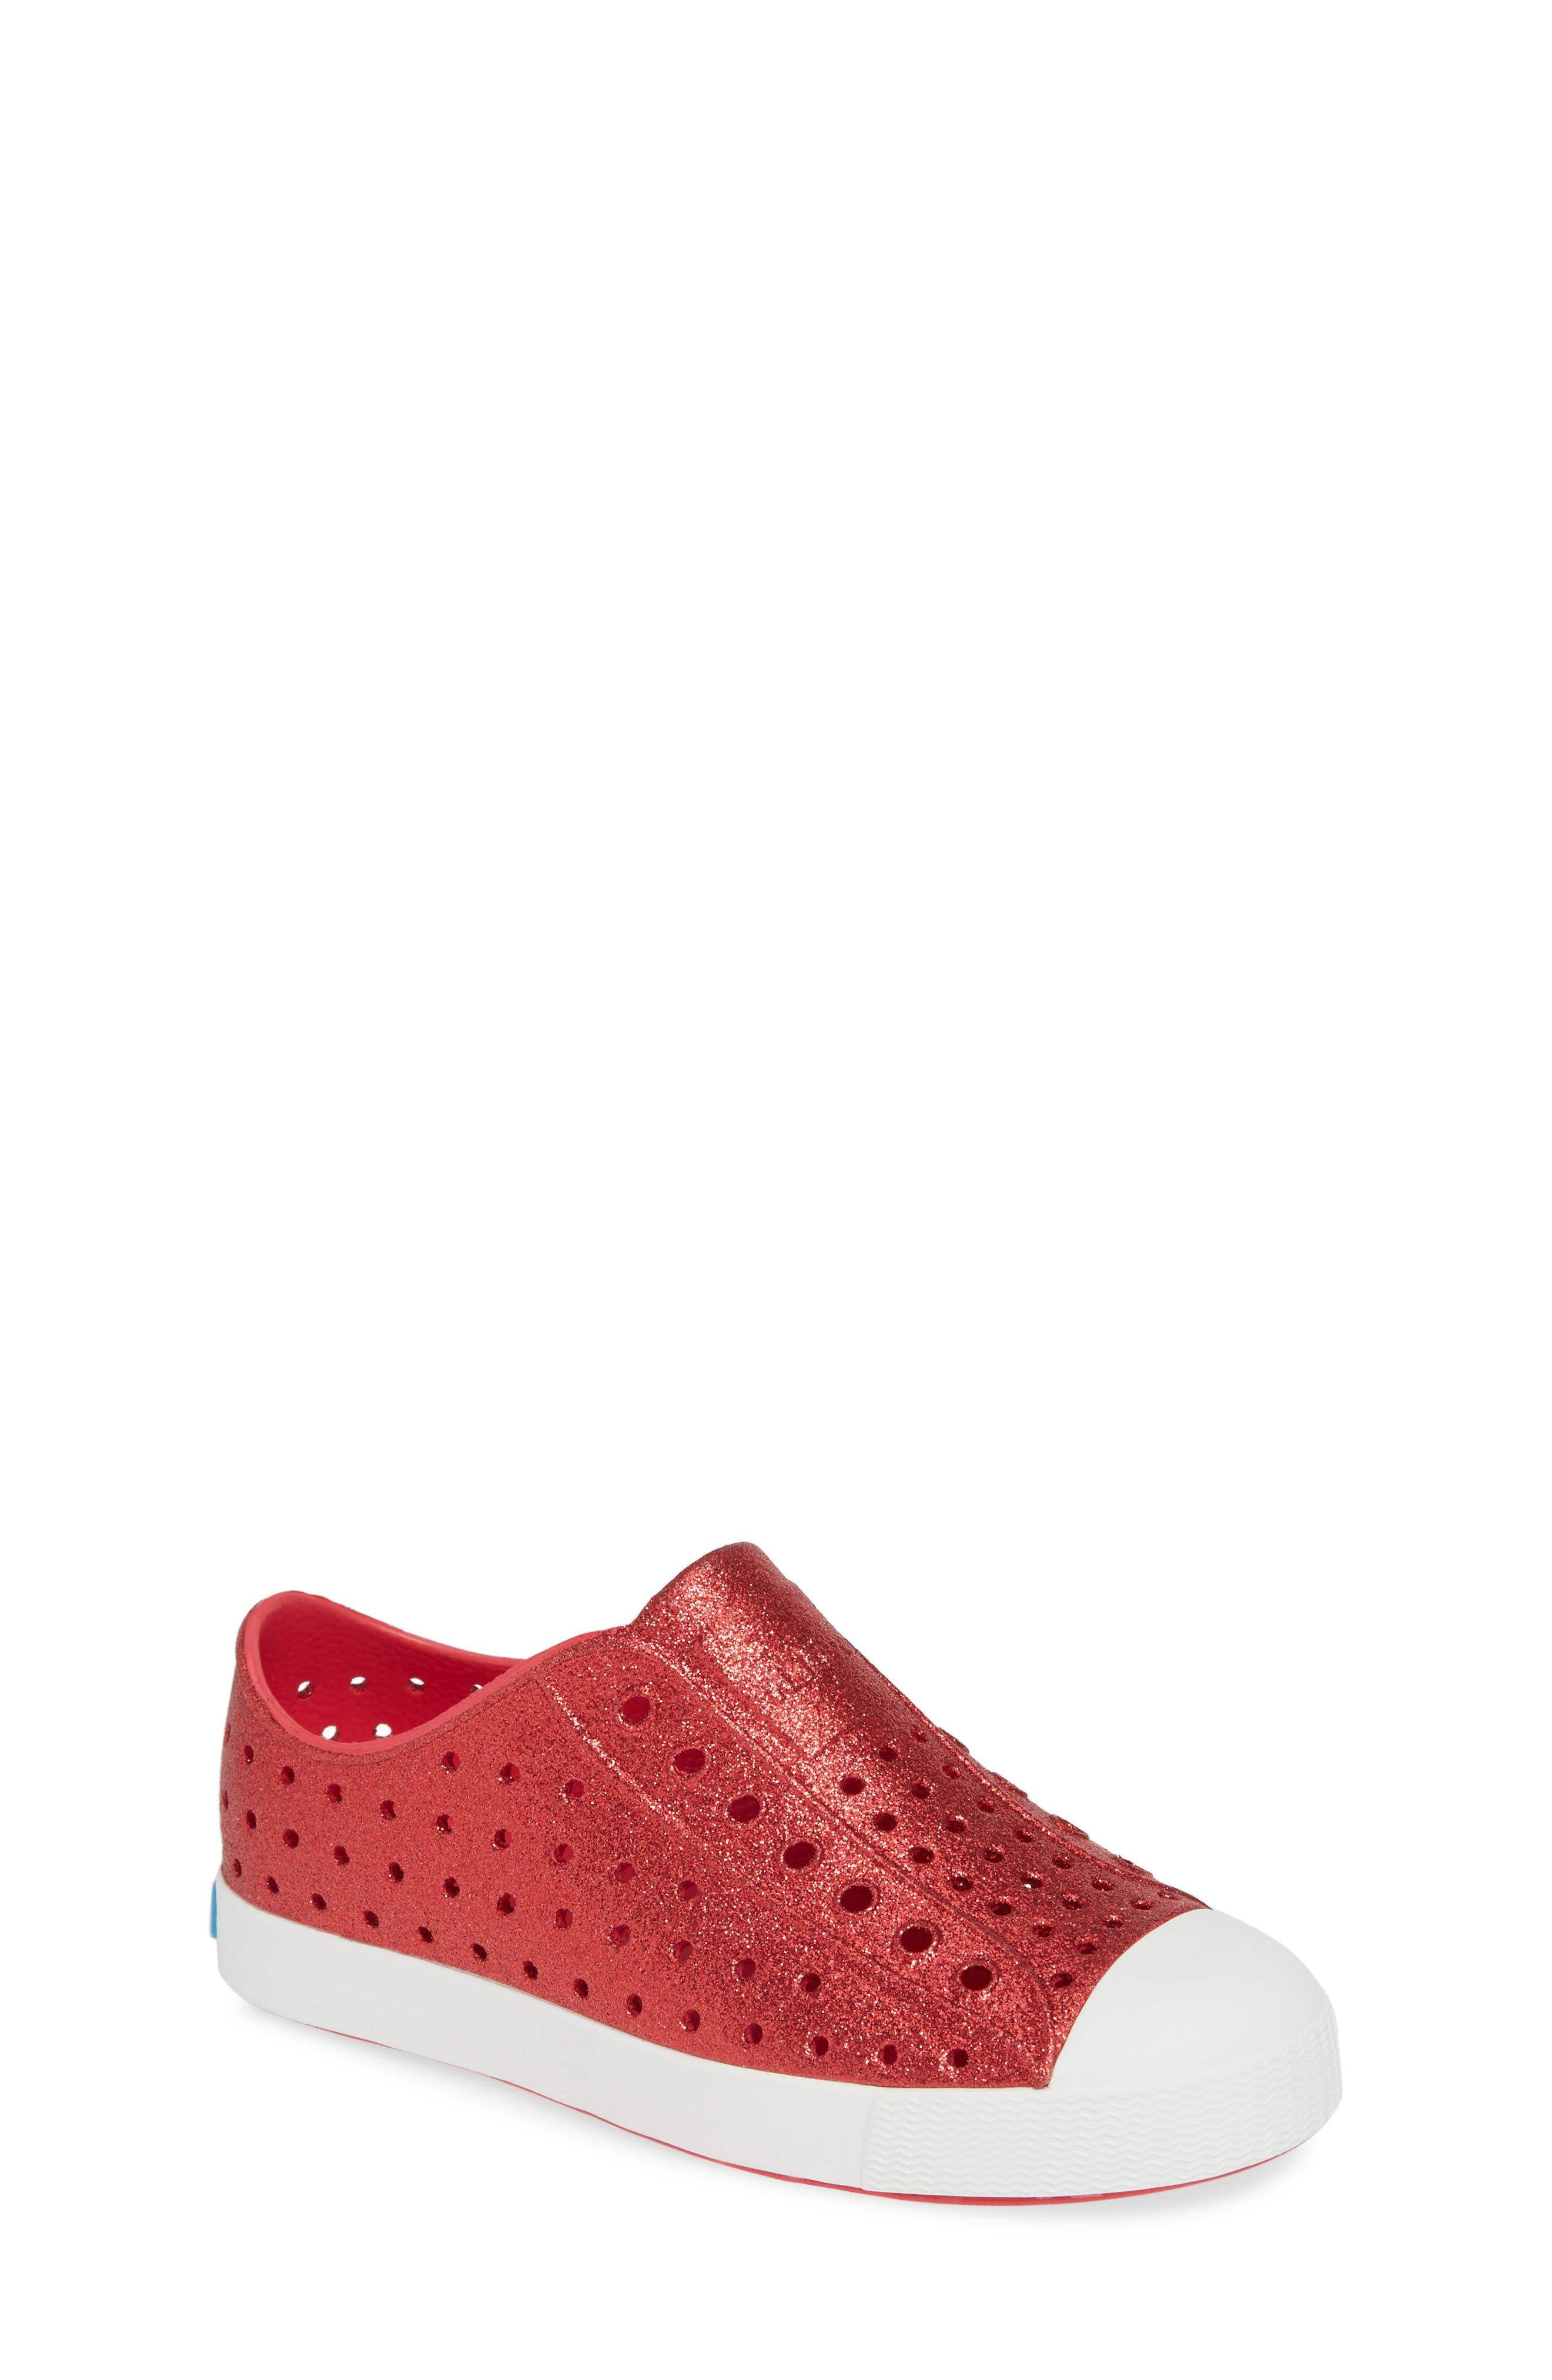 NATIVE SHOES, Jefferson Bling Glitter Slip-On Vegan Sneaker, Main thumbnail 1, color, SAKURA BLING/ SHELL WHITE